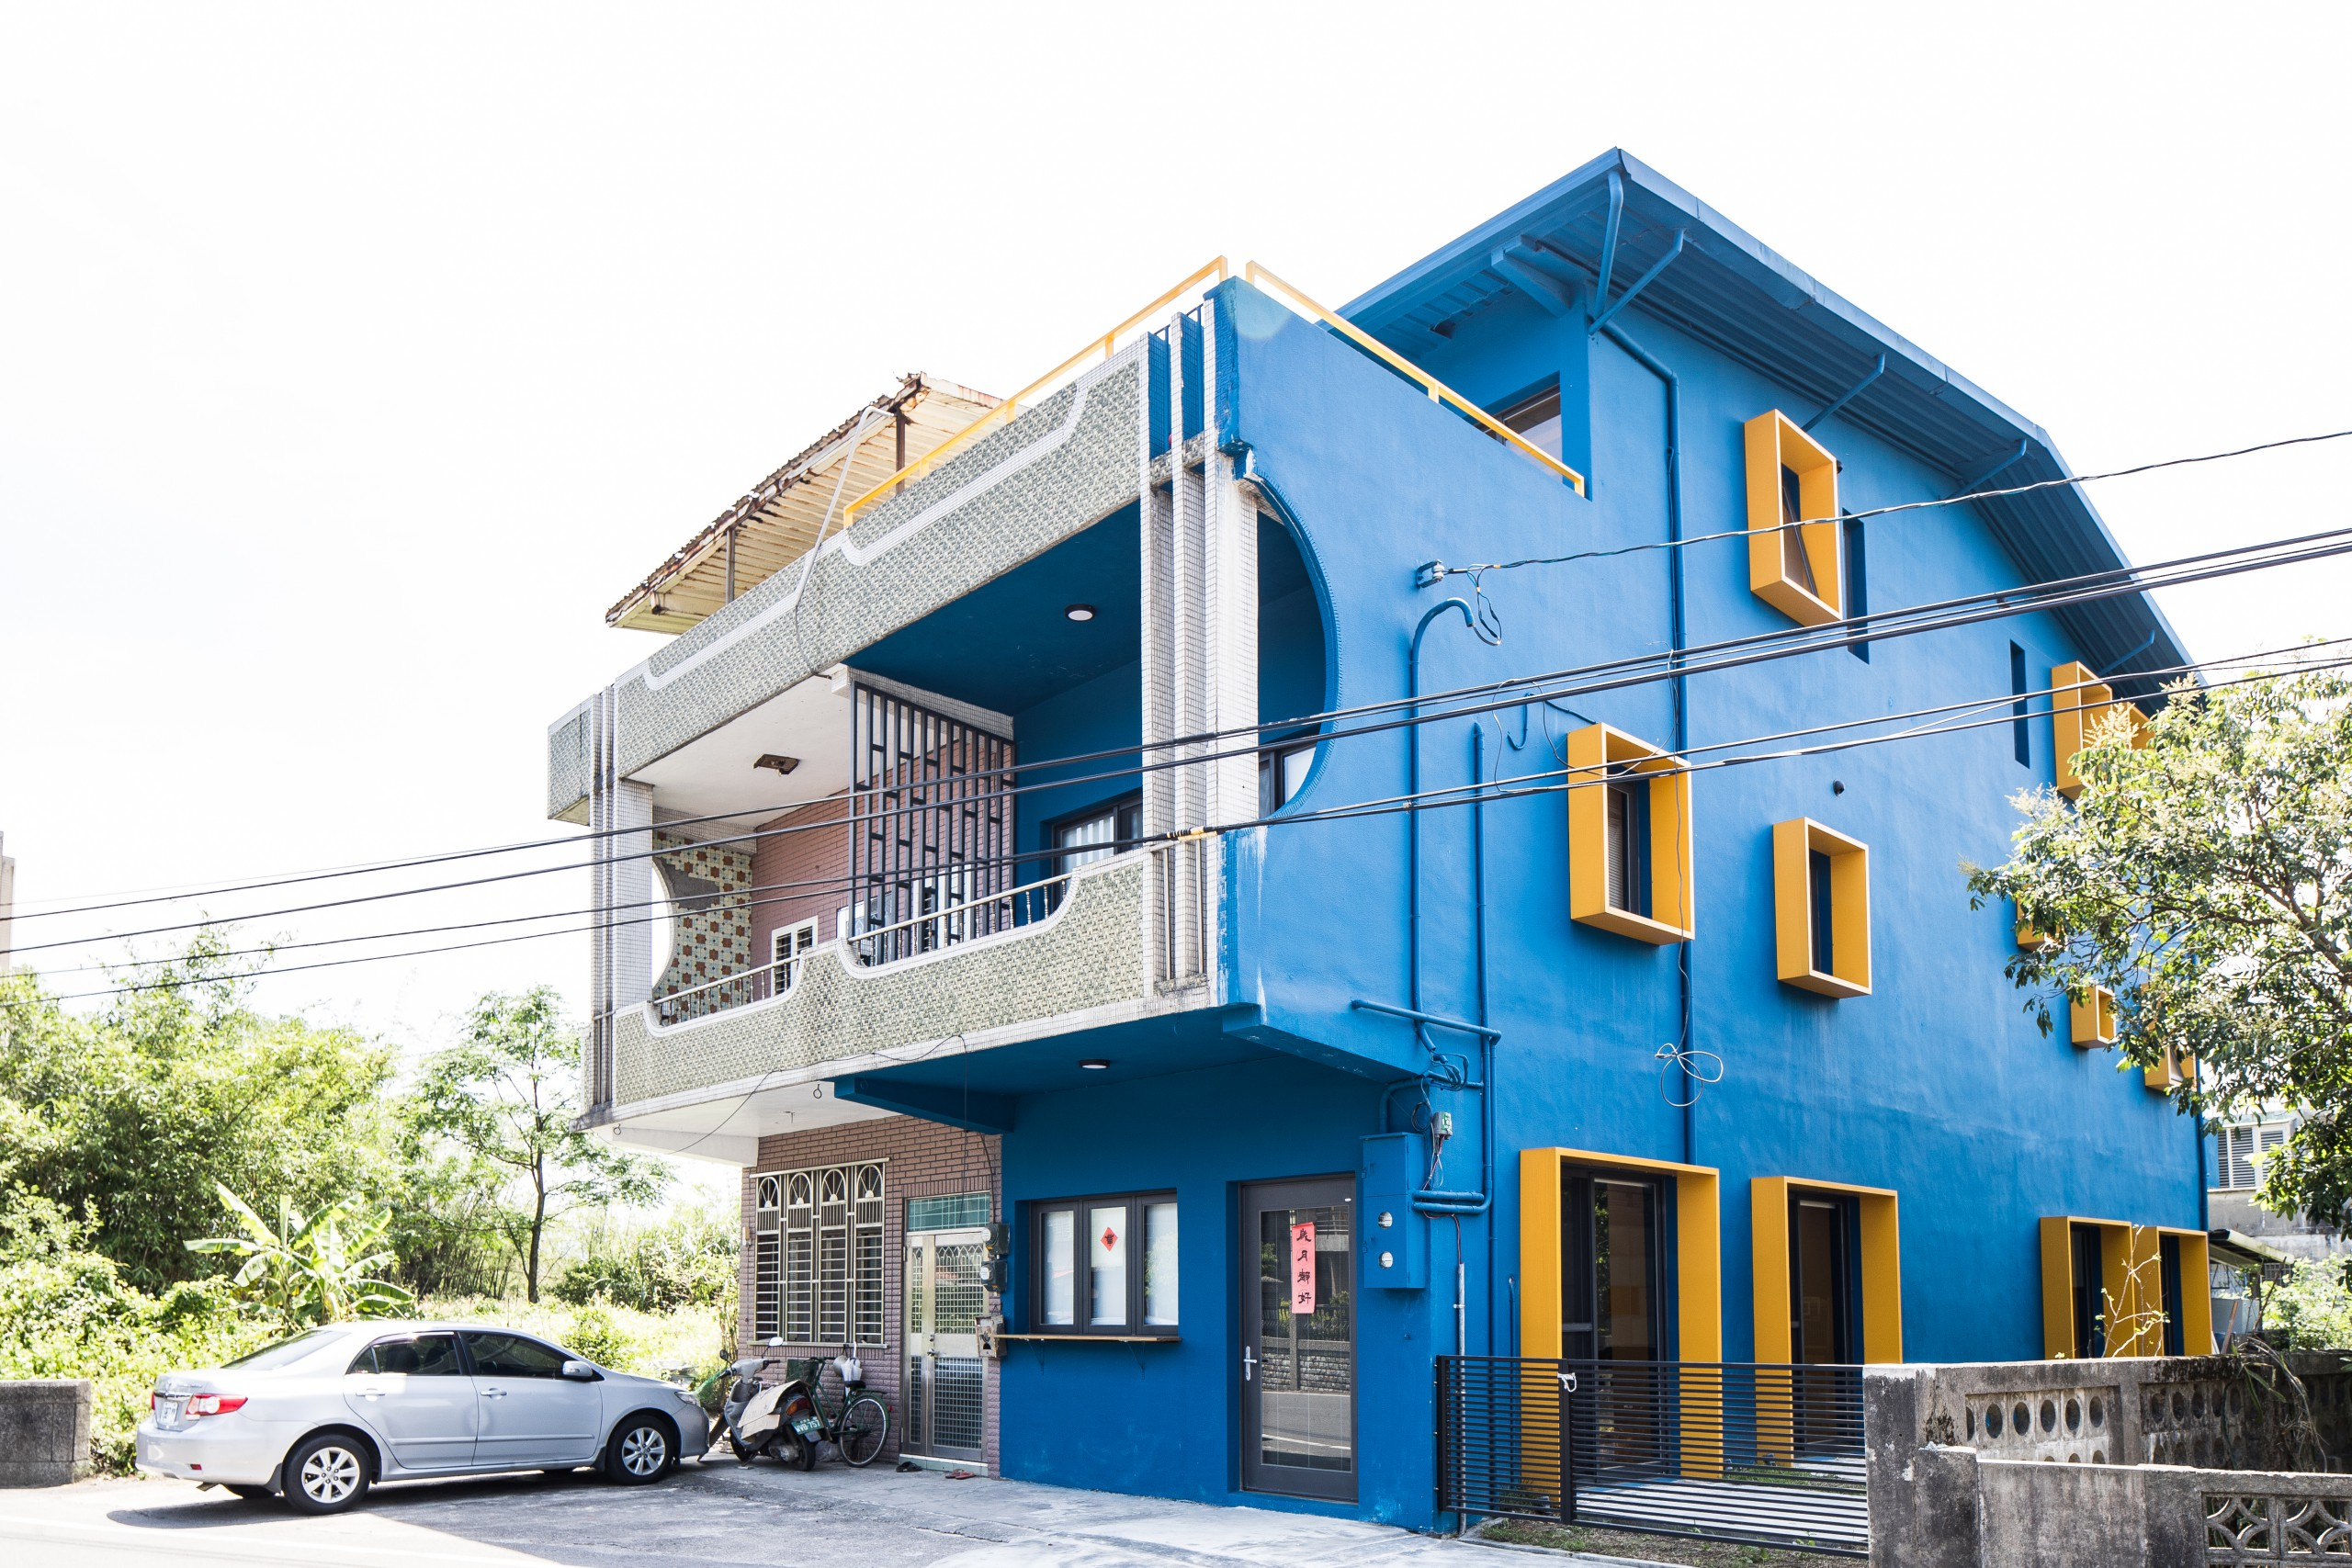 德築建設-老屋重建-暖黃的配色更與窗框色調相互呼應著宛如父母之愛的星光-4